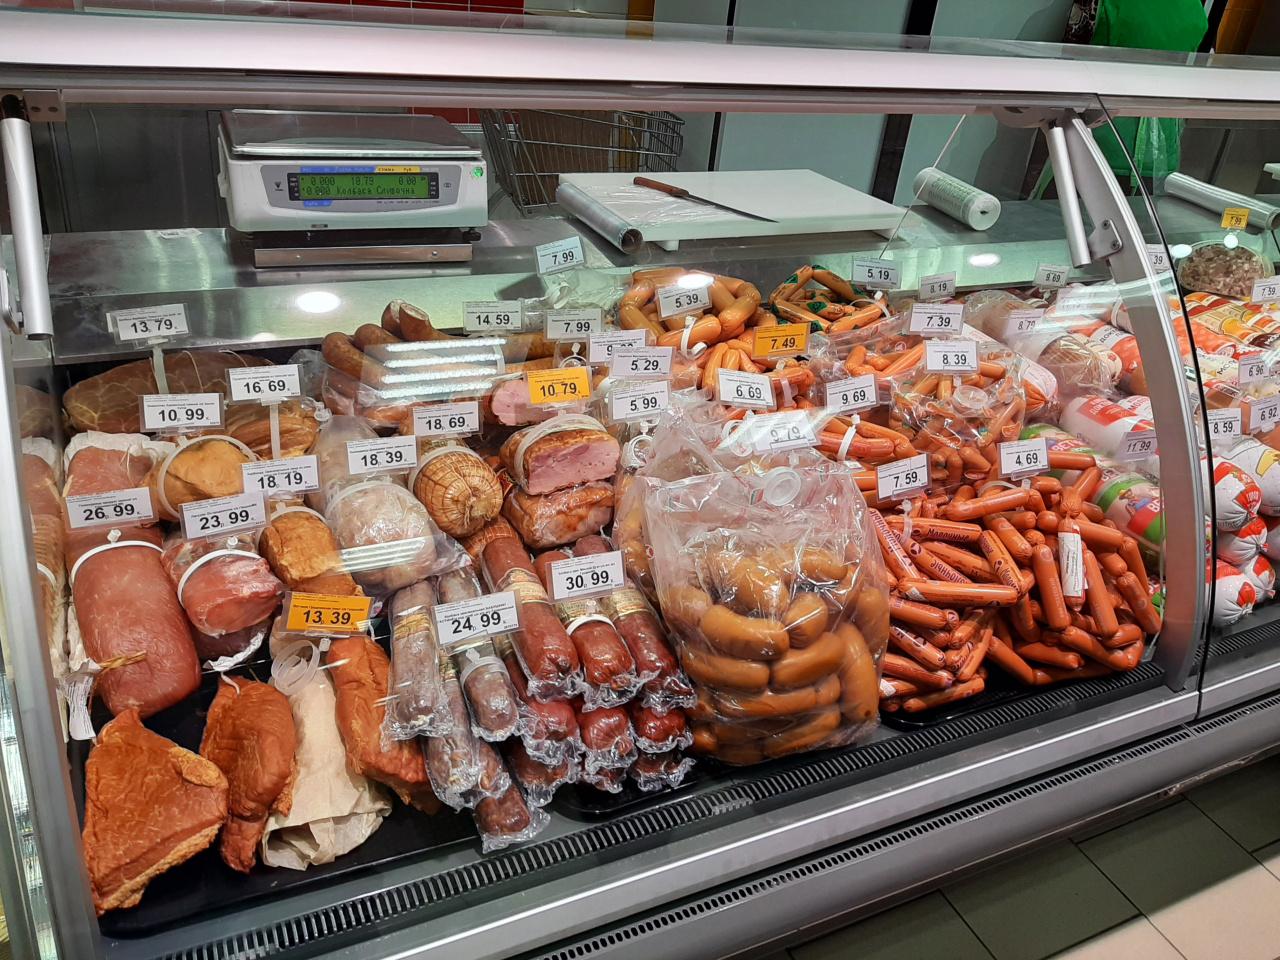 магазин готовых выкладка колбасных изделий в магазине фото для обоев выбрала